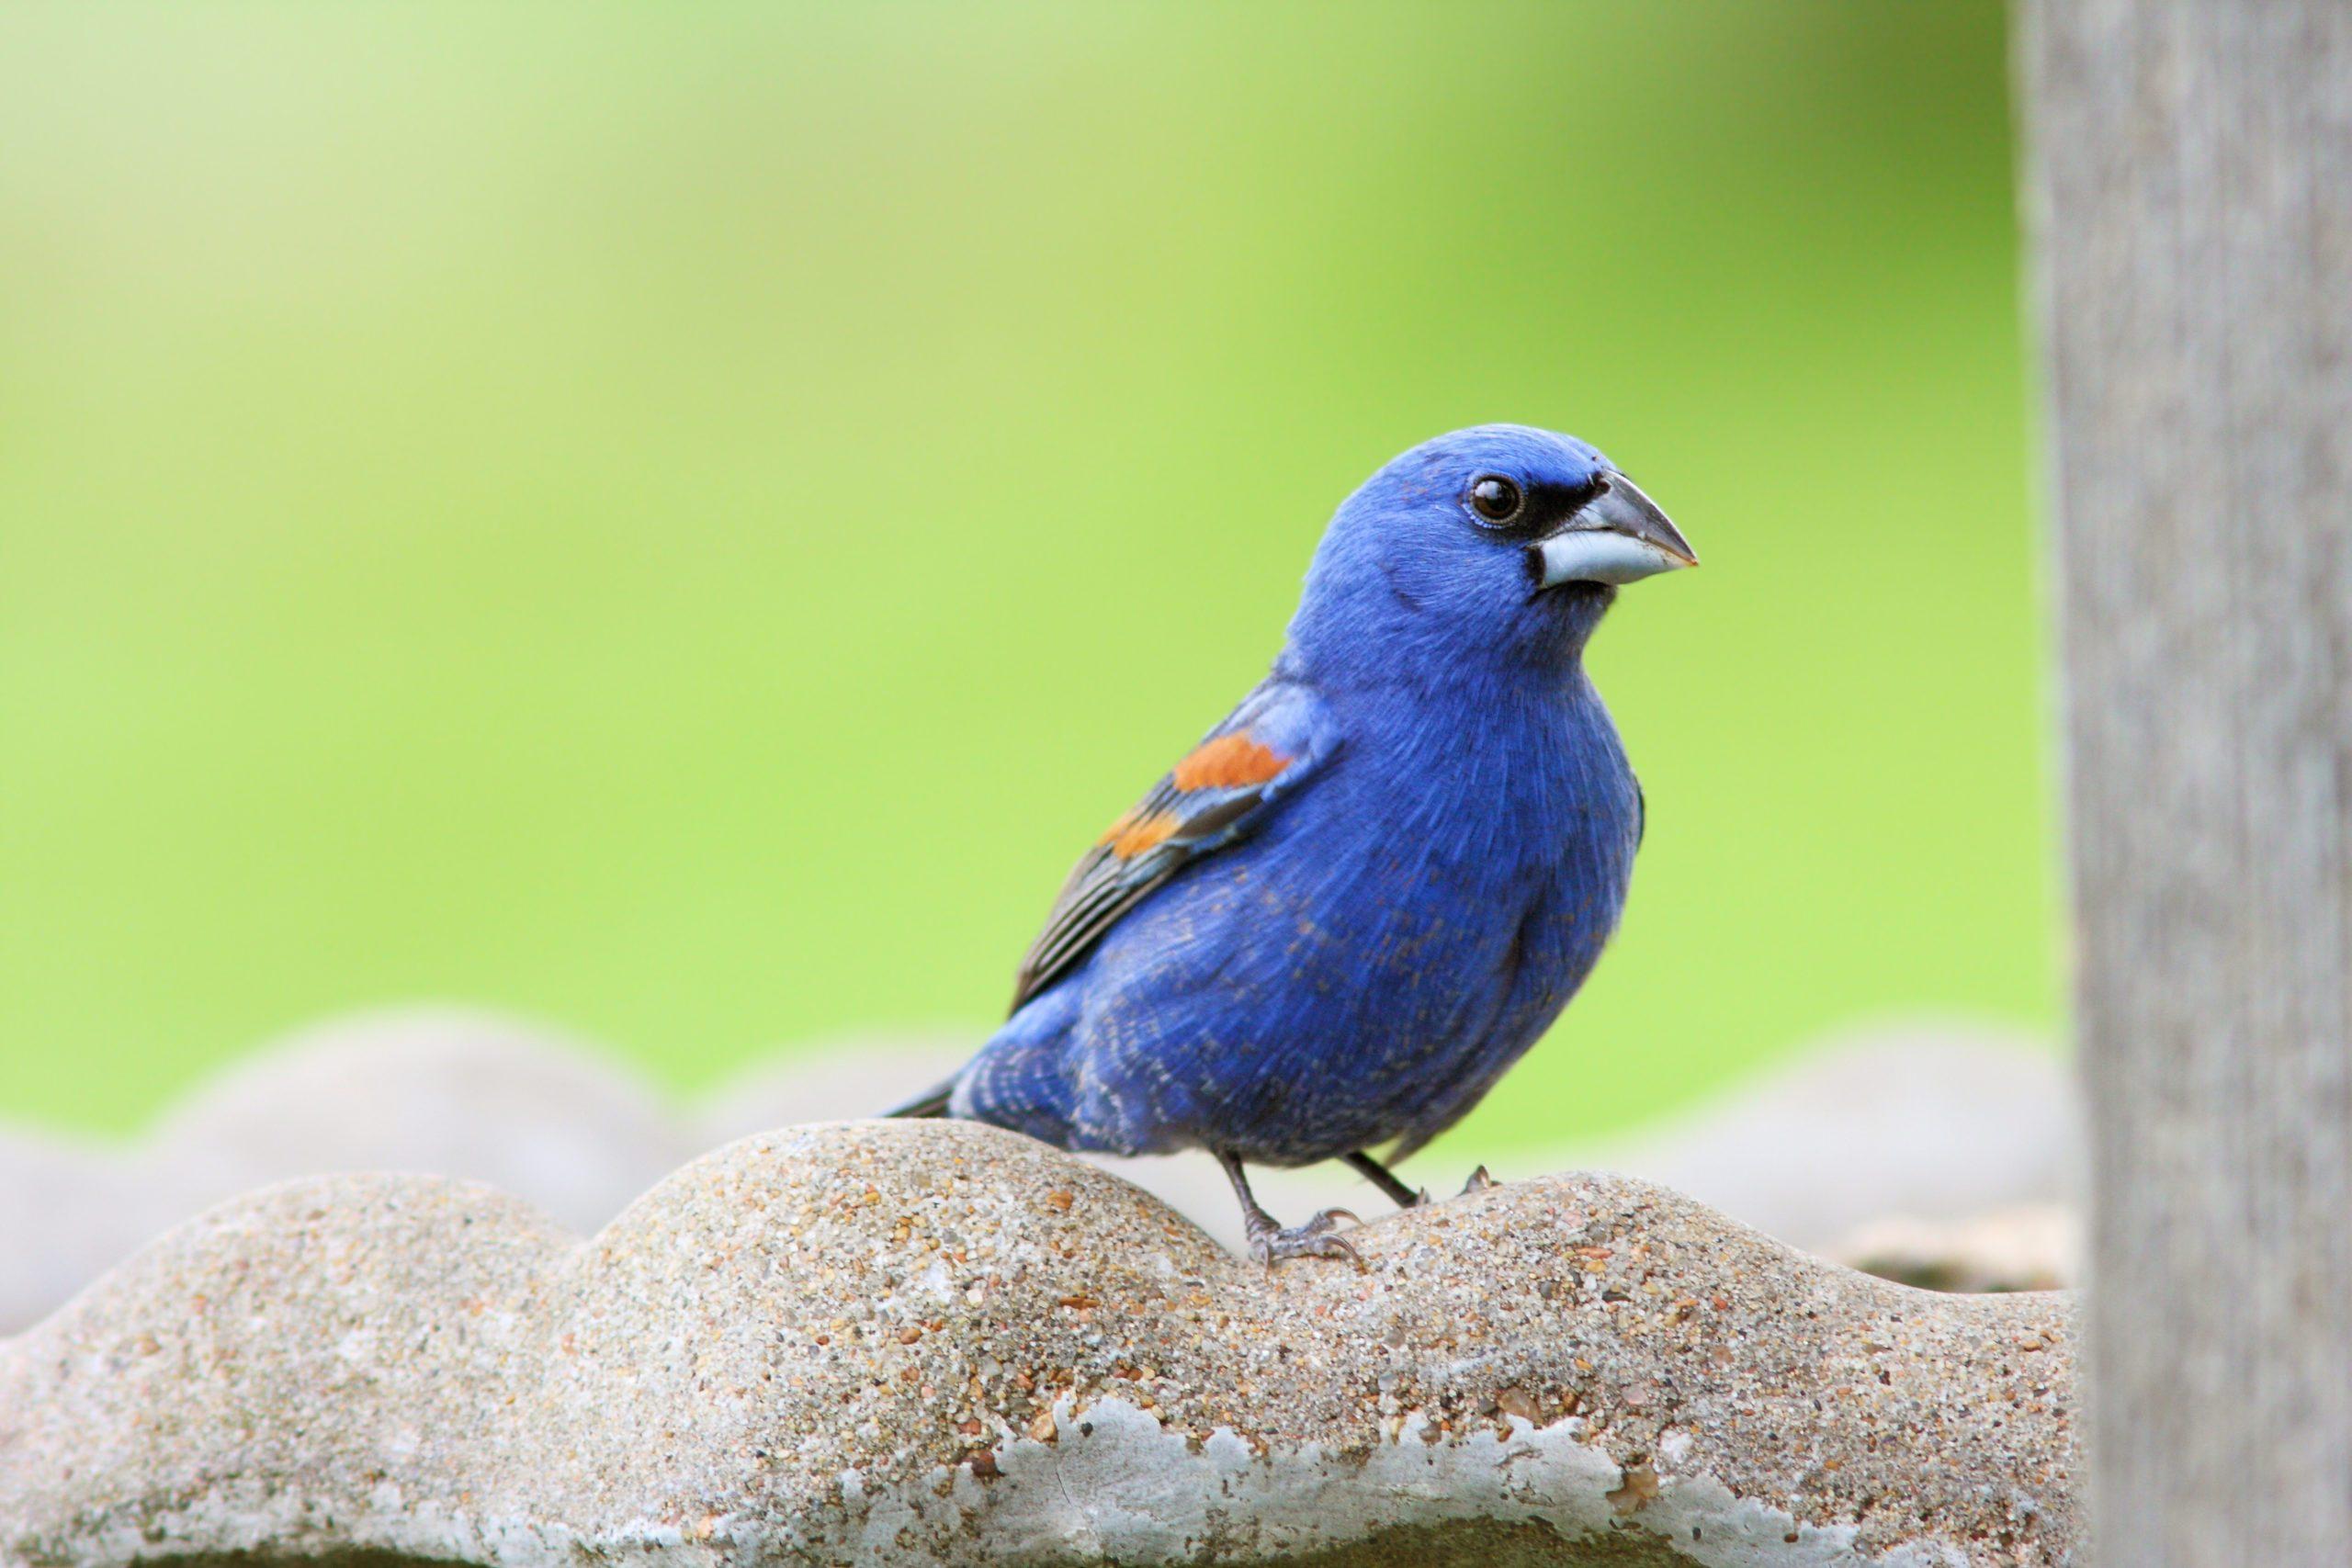 A blue grosbeak sits on a birdbath.